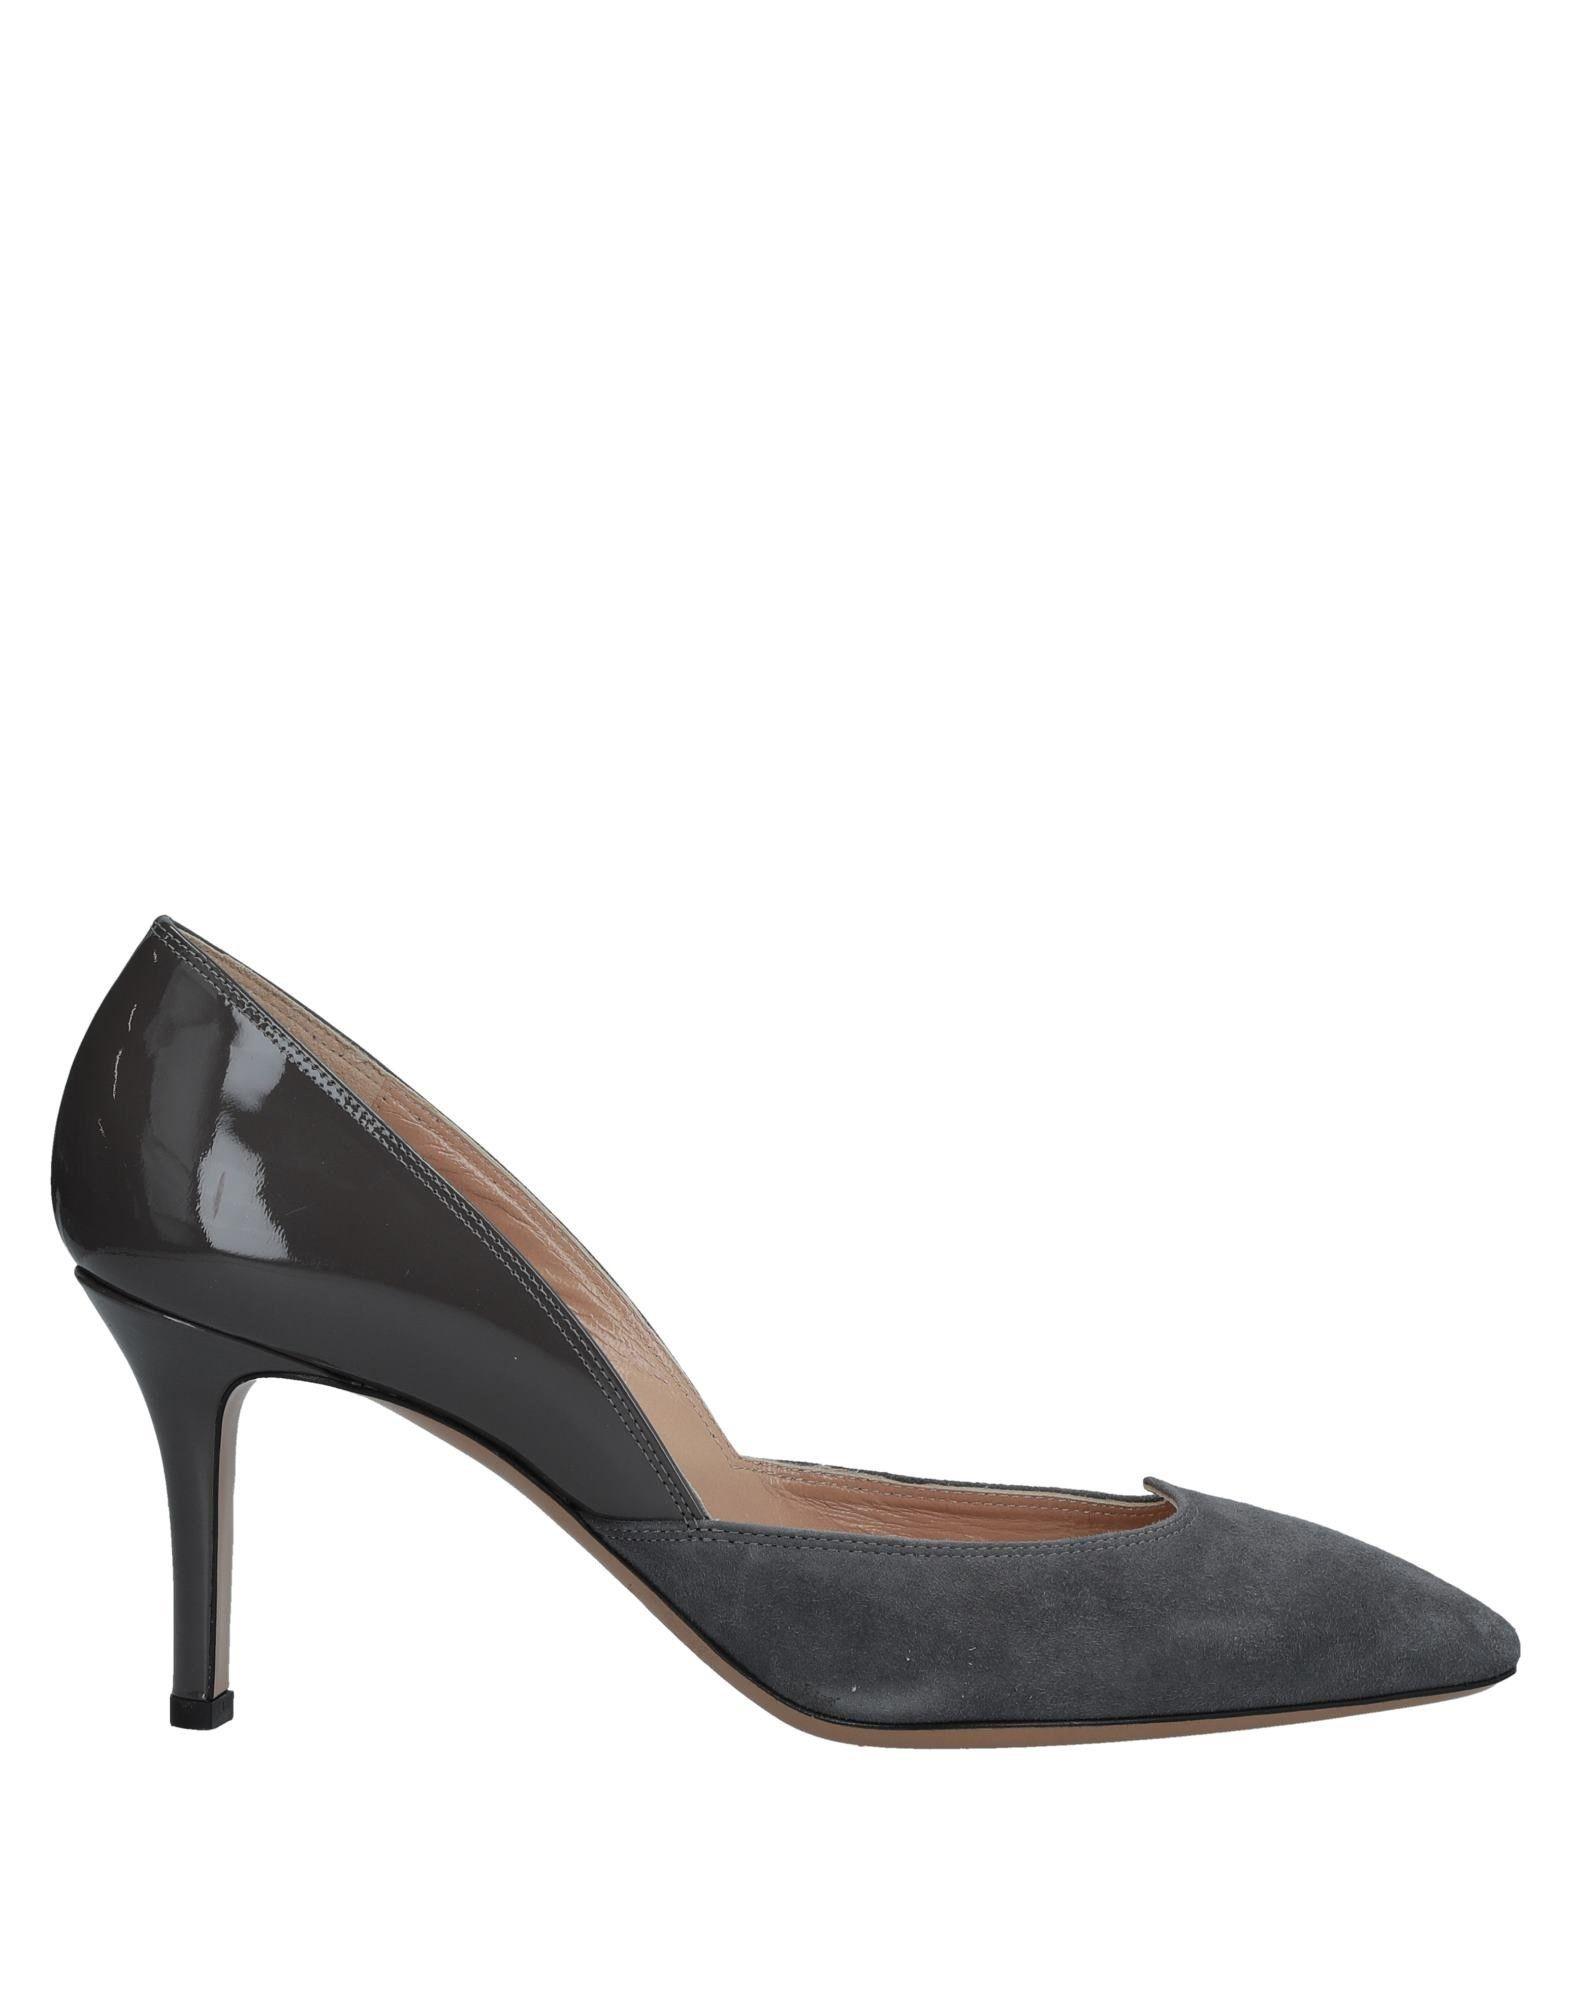 Pantofole Tod's Uomo - 11398759JO Scarpe economiche e buone